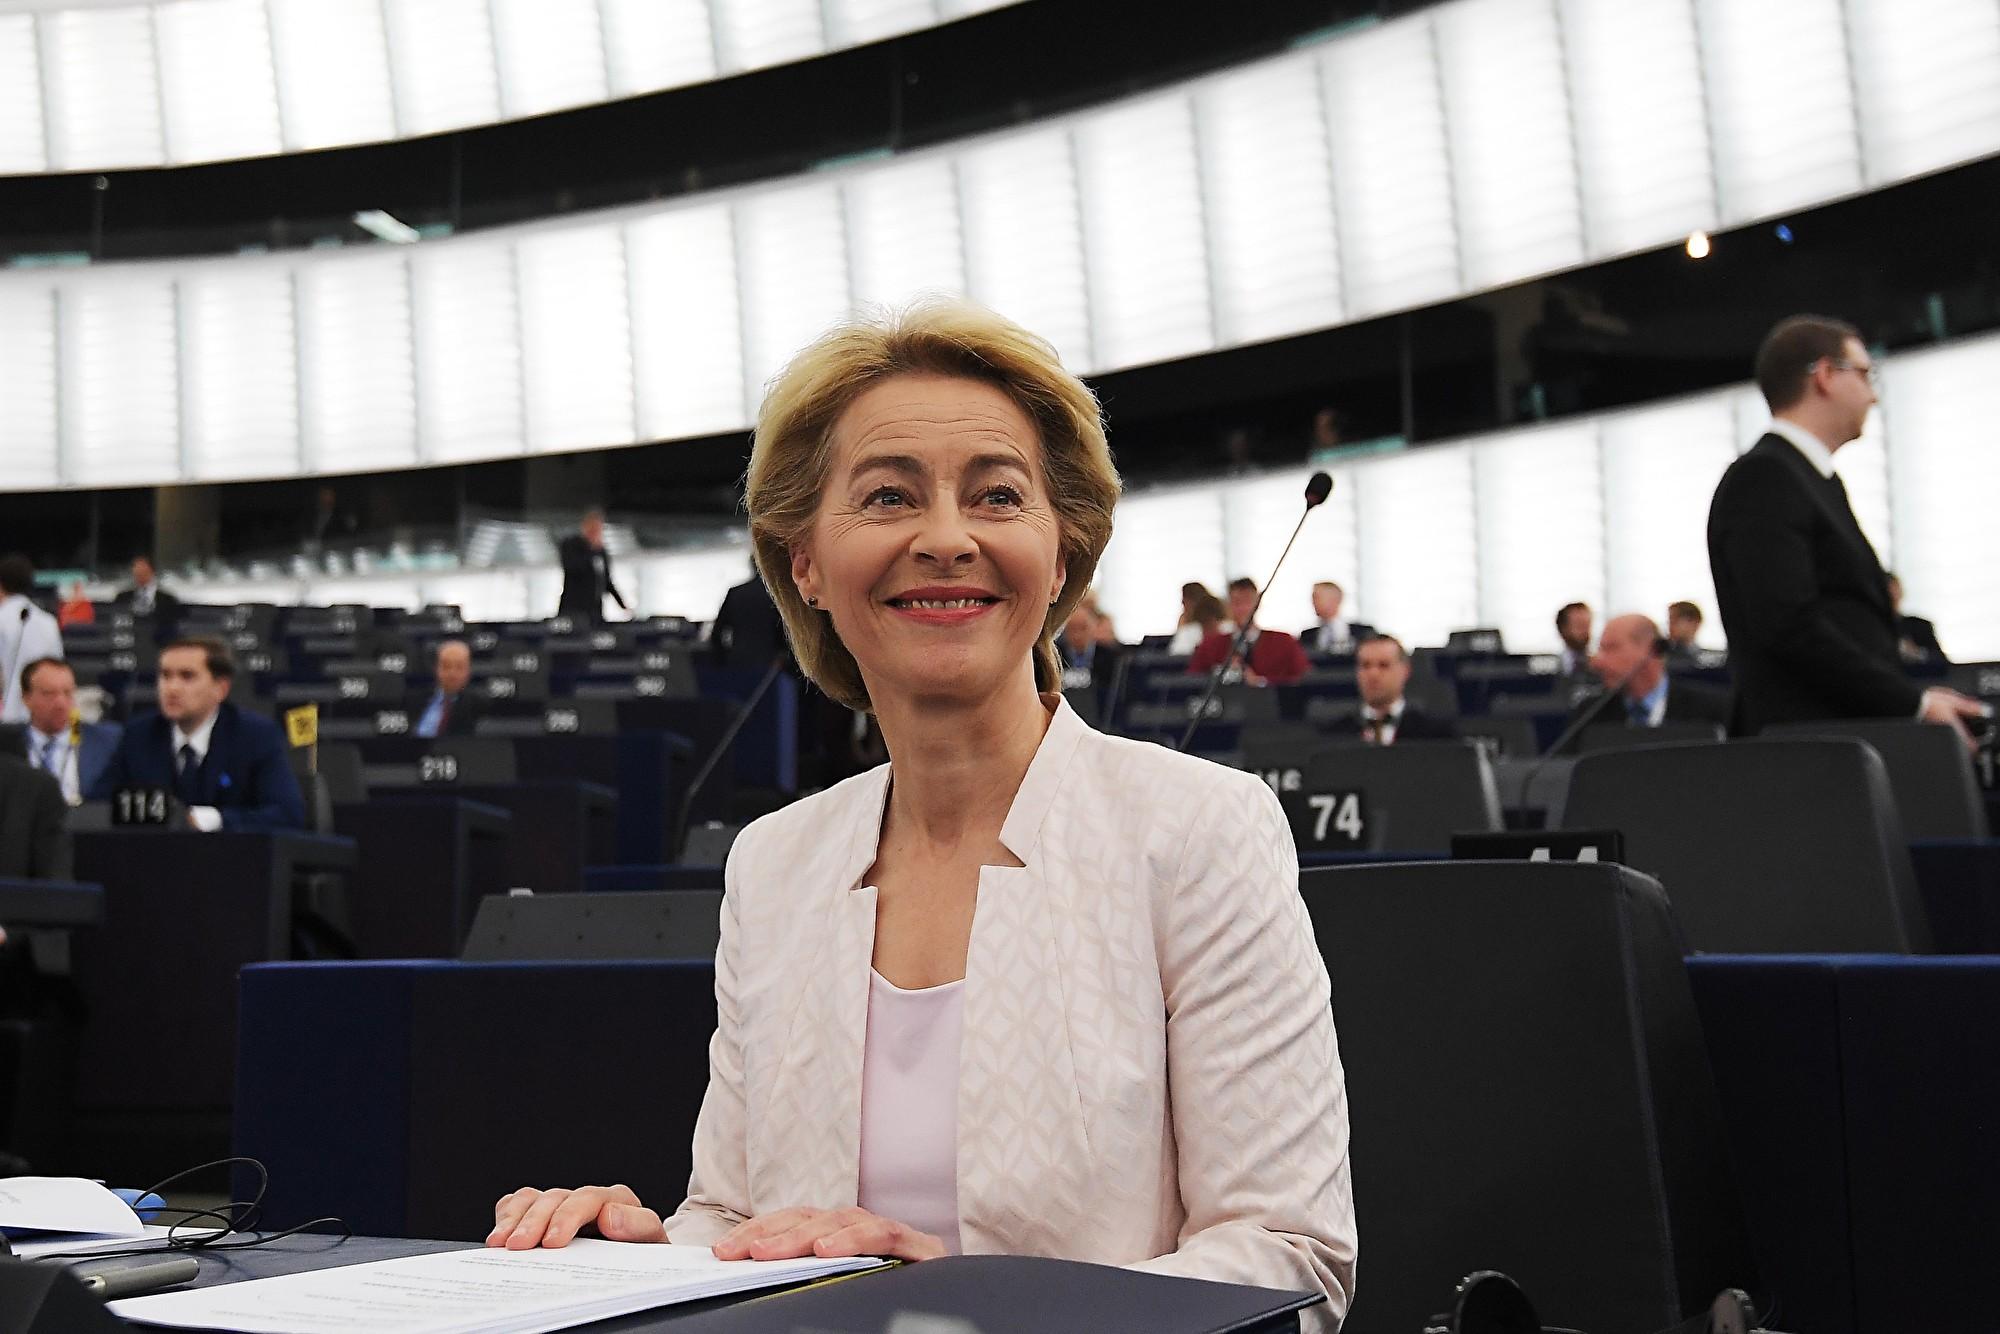 歐洲議會今天(7月16日)投票通過,由德國國防部長馮德萊恩(Ursula von der Leyen)接掌下屆歐盟委員會(執委會)主席,她將是歐執會史上首位女性領導人。(FREDERICK FLORIN/AFP/Getty Images)